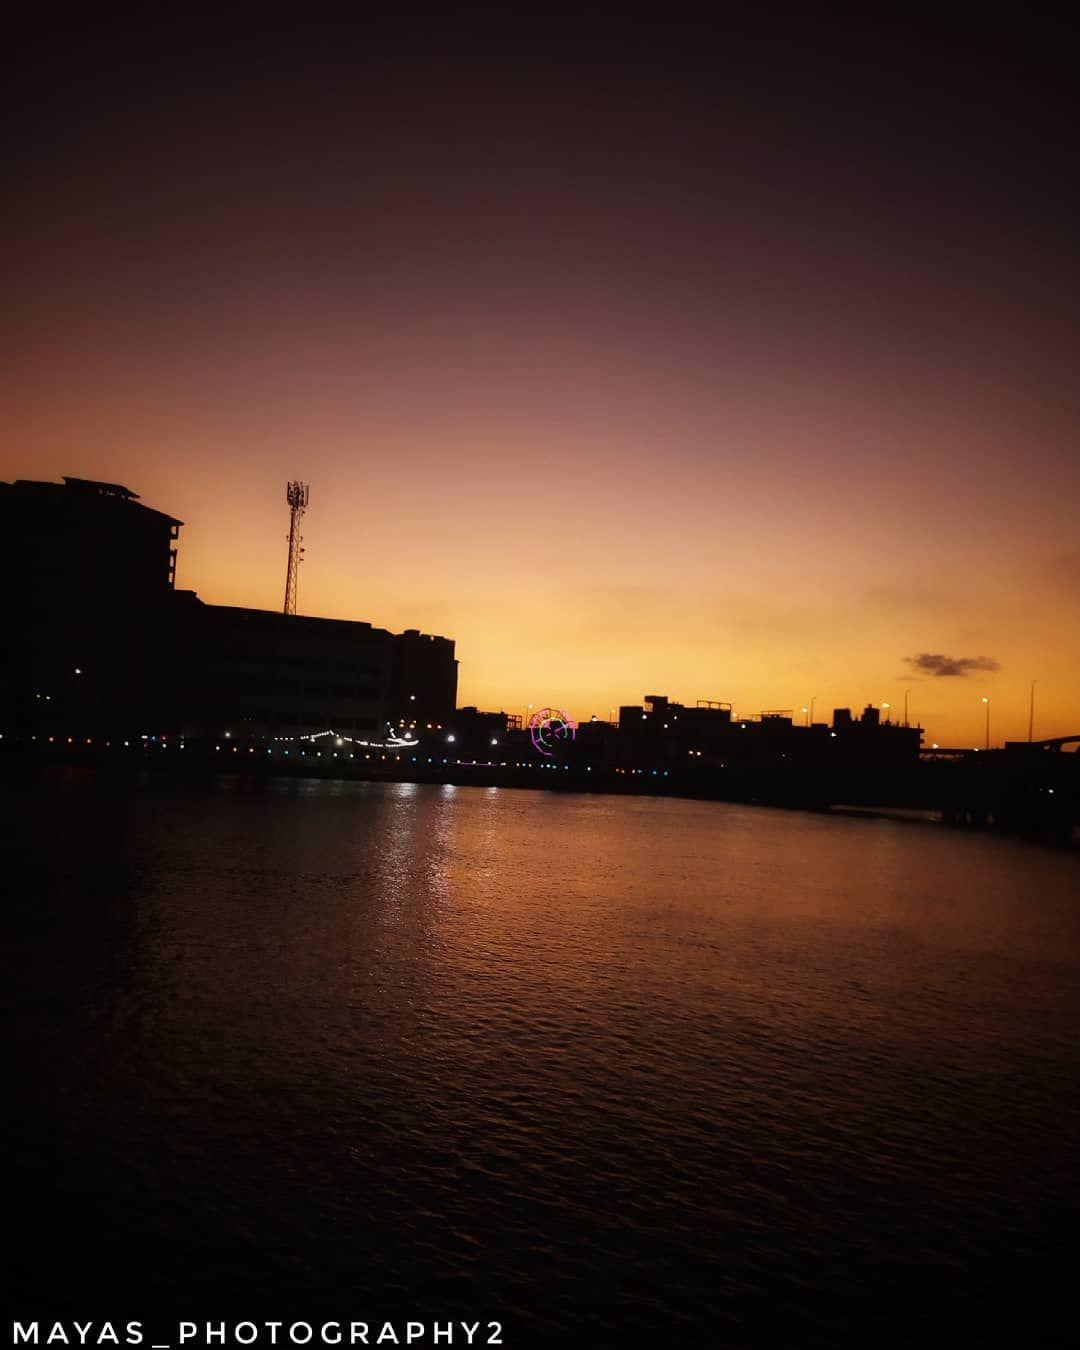 تصويري غروب الشمس هو من أحلى المناظر الطبيعية التي تعطي الهدوء والطمأنينة للنفوس ويعد هذا المنظر مصدر إلهام للكثير من الشعراء وال Outdoor Sunset Celestial